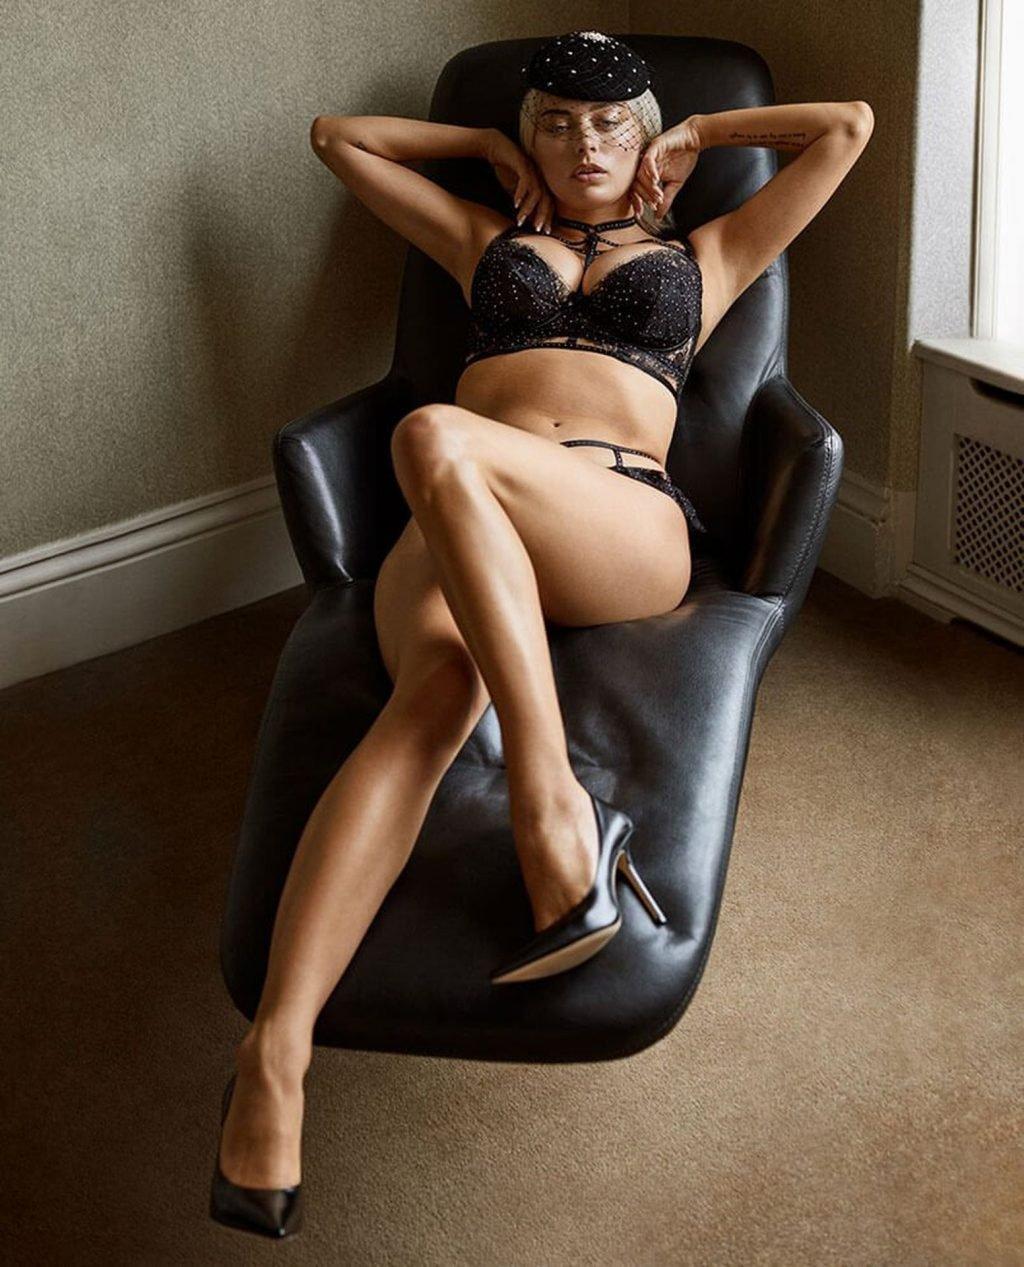 Caroline Vreeland See Through & Sexy (16 Photos)